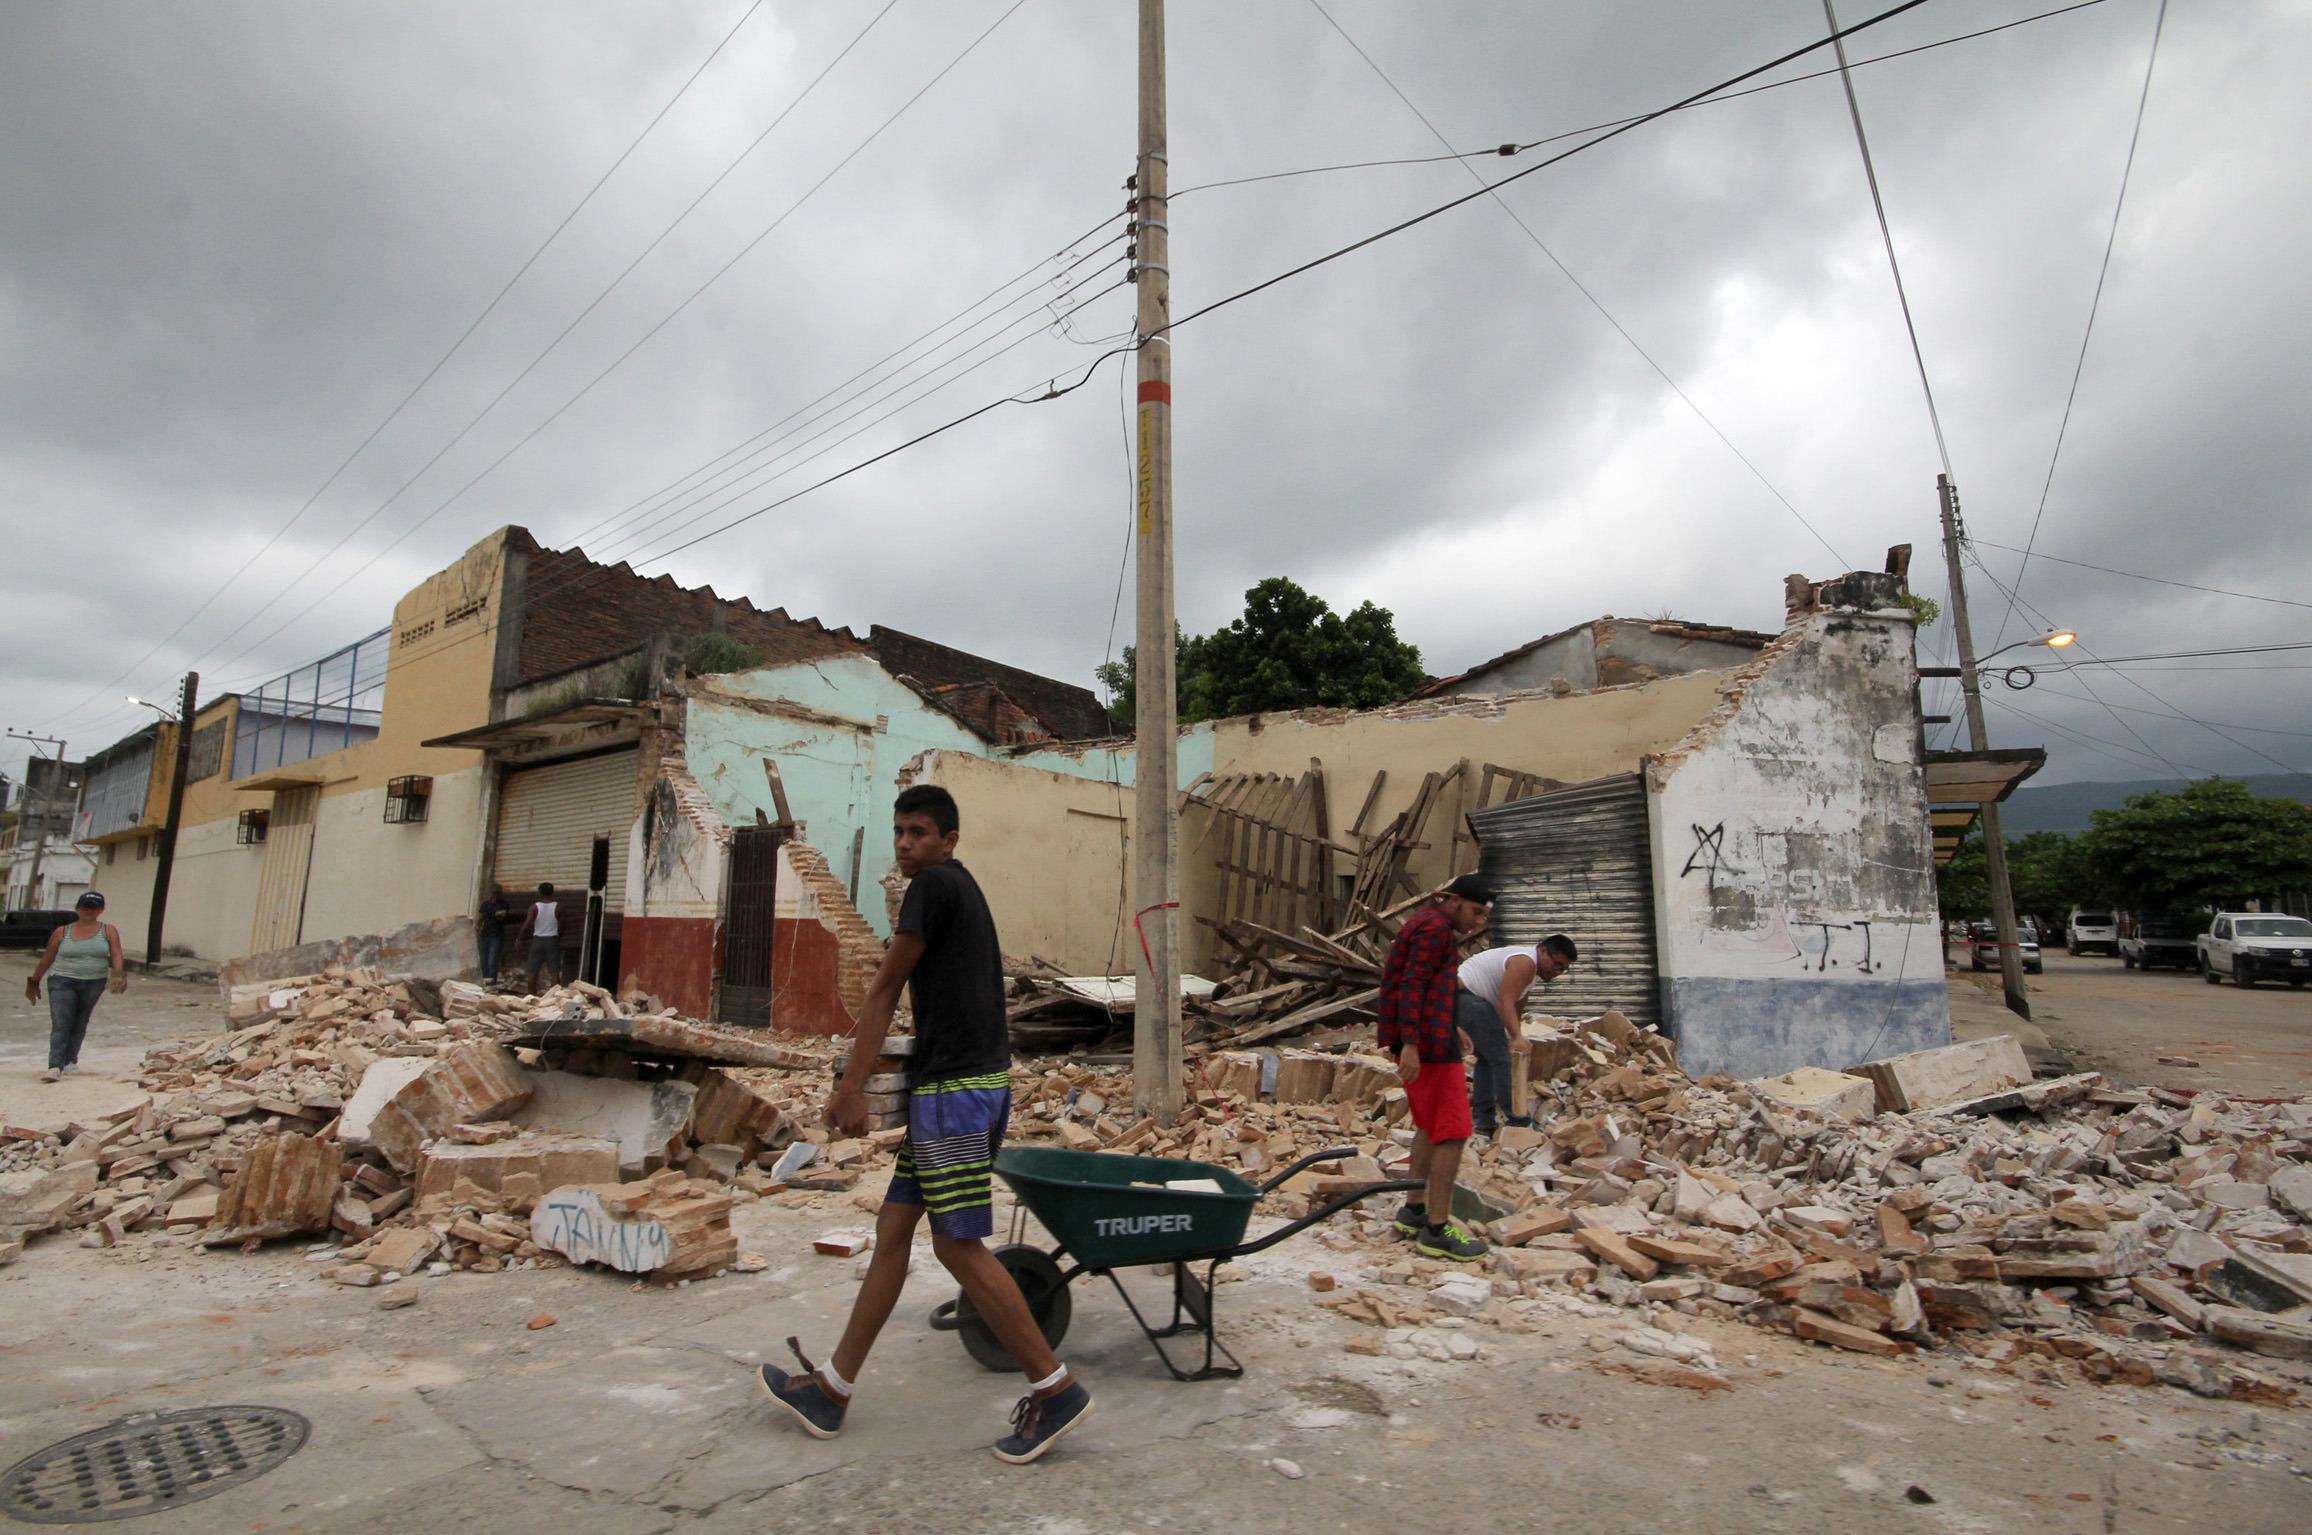 (170908) -- CHIAPAS, septiembre 8, 2017 (Xinhua) -- Personas reaccionan en una zona dañada por un sismo en Tonalá, estado de Chiapas, México, el 8 de septiembre de 2017. Al menos 61 personas murieron y decenas resultaron heridas en el sur de México por el sismo más potente registrado en el país en un siglo, de 8,2 grados, causando daños mayores a empobrecidos poblados, informaron las autoridades. (Xinhua/Str) (ma) (da)